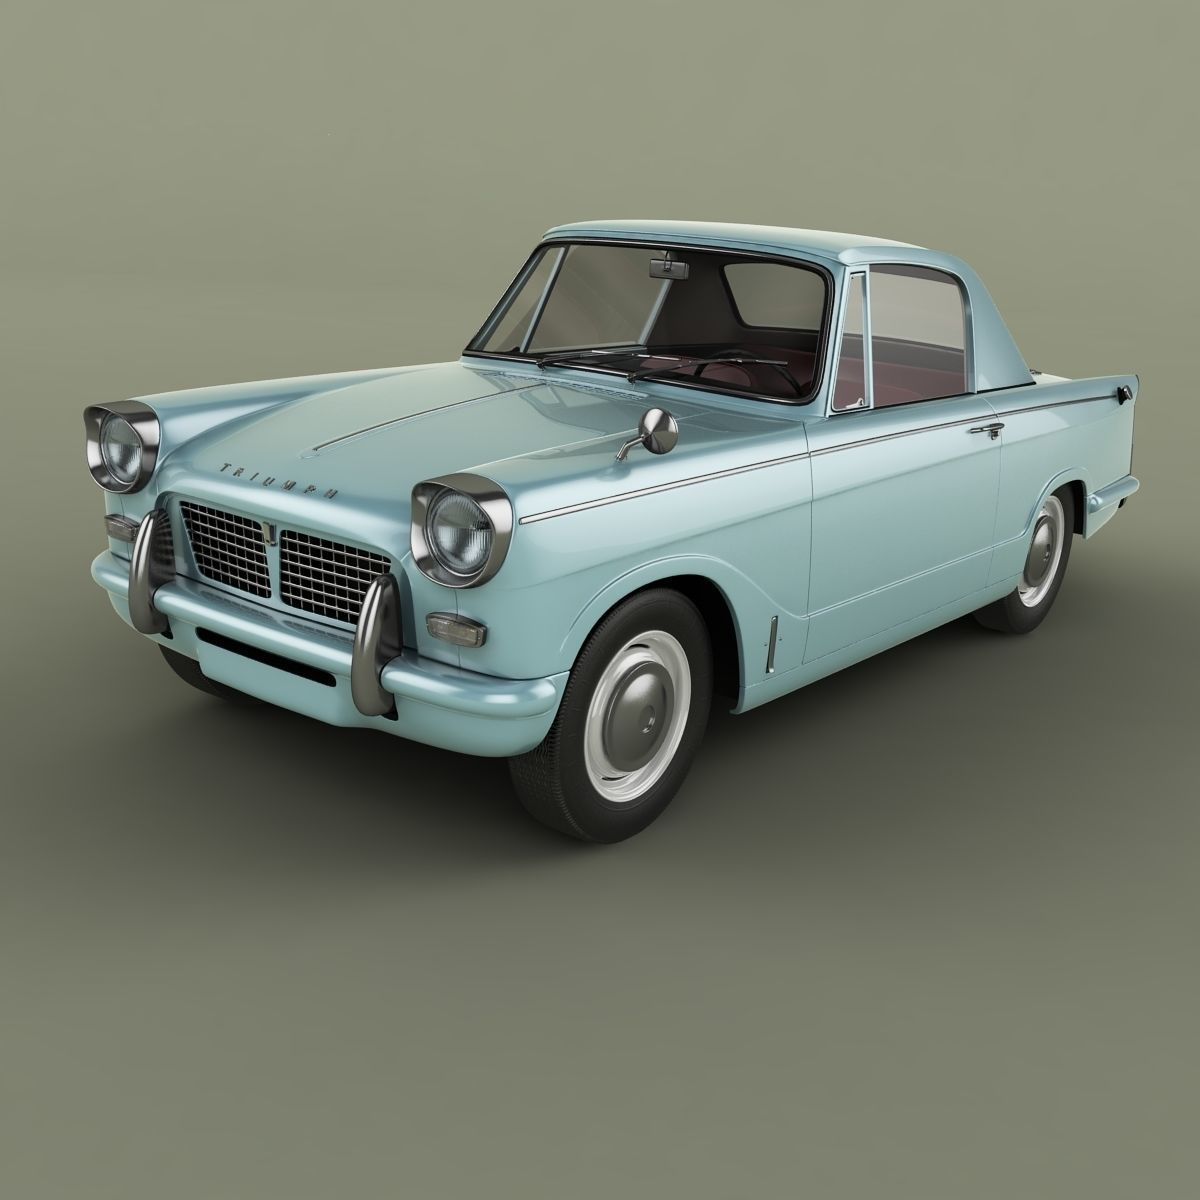 Triumph Herald 948 Coupe